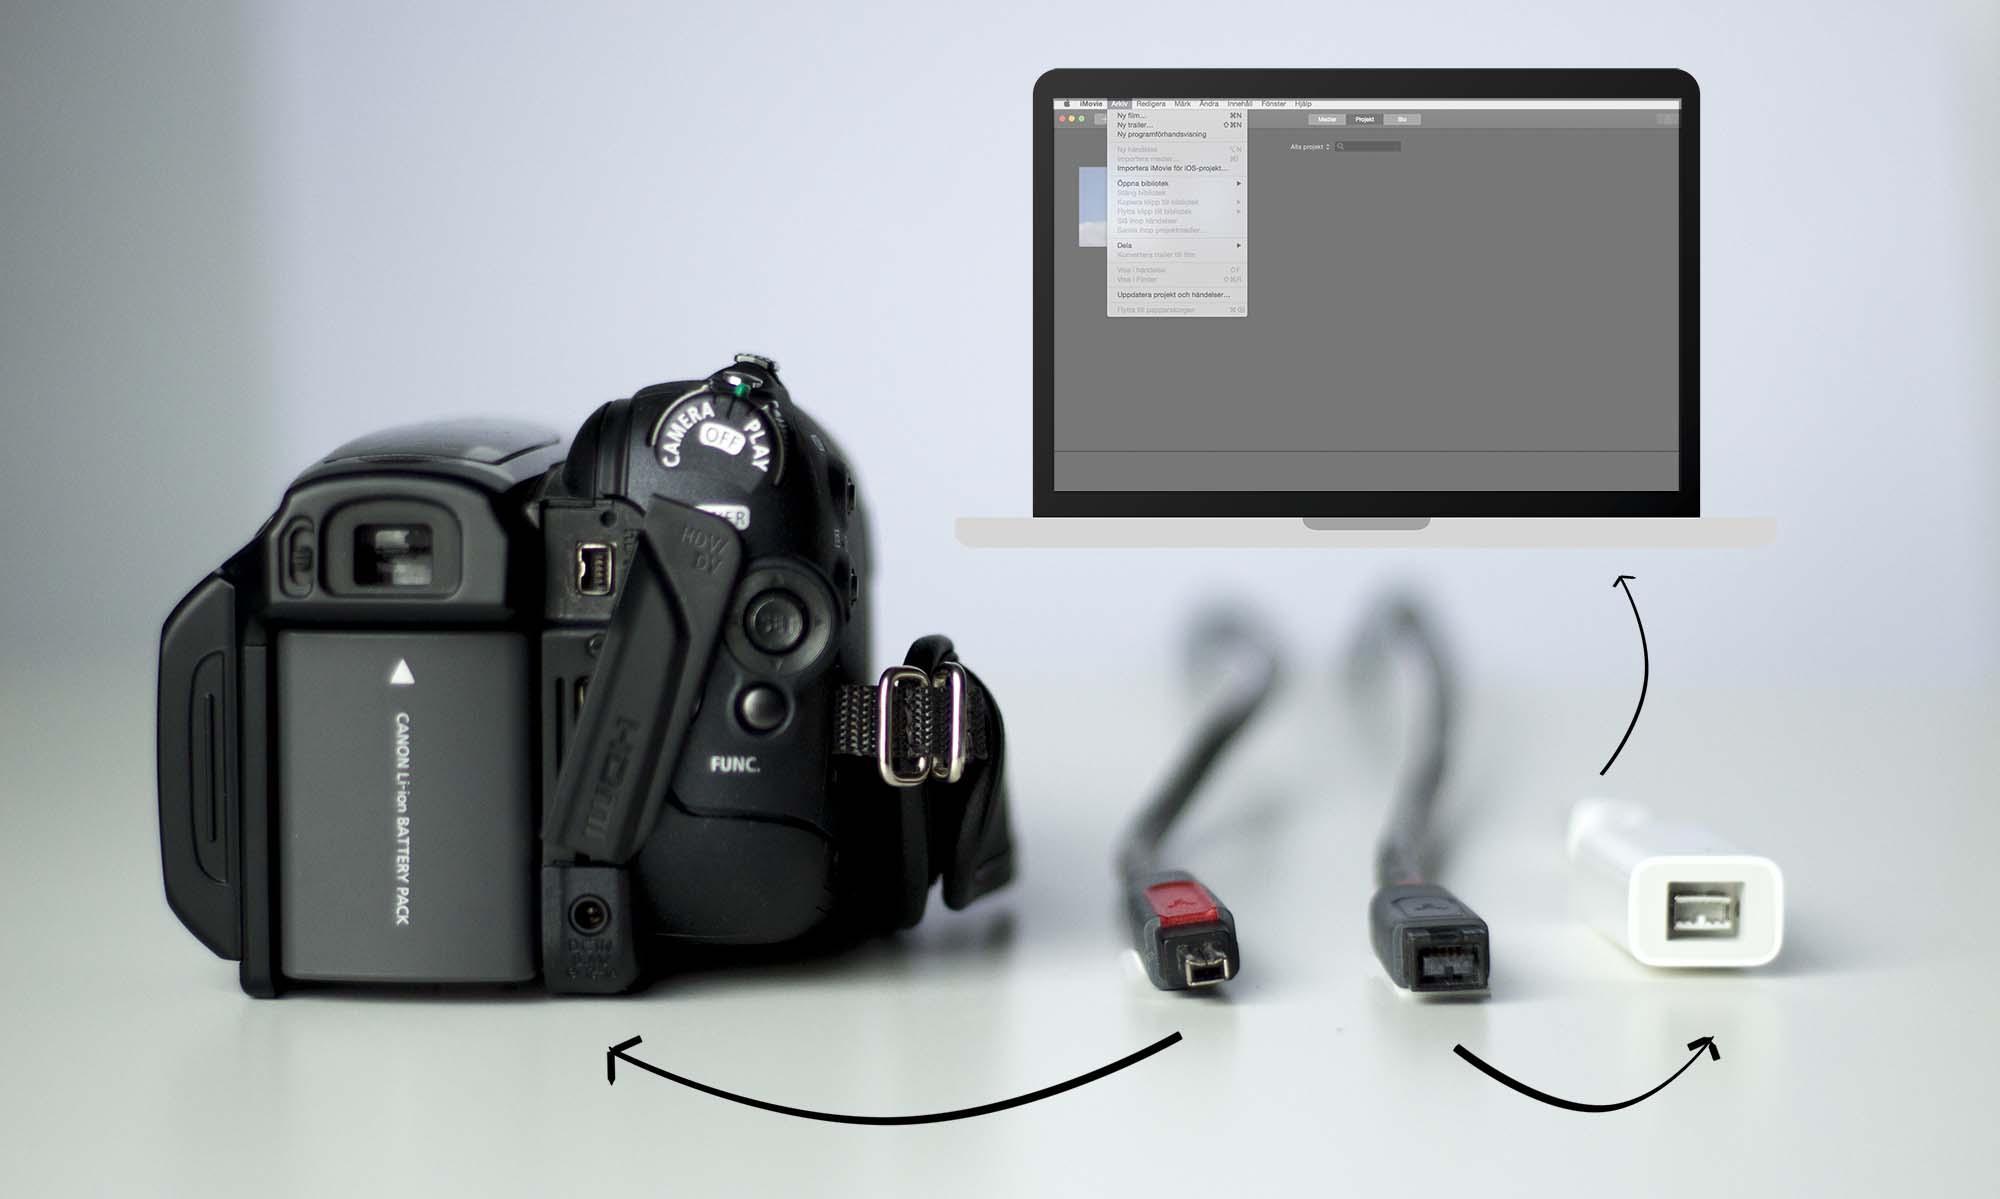 Großzügig Firewire Kamera Bilder - Der Schaltplan - greigo.com